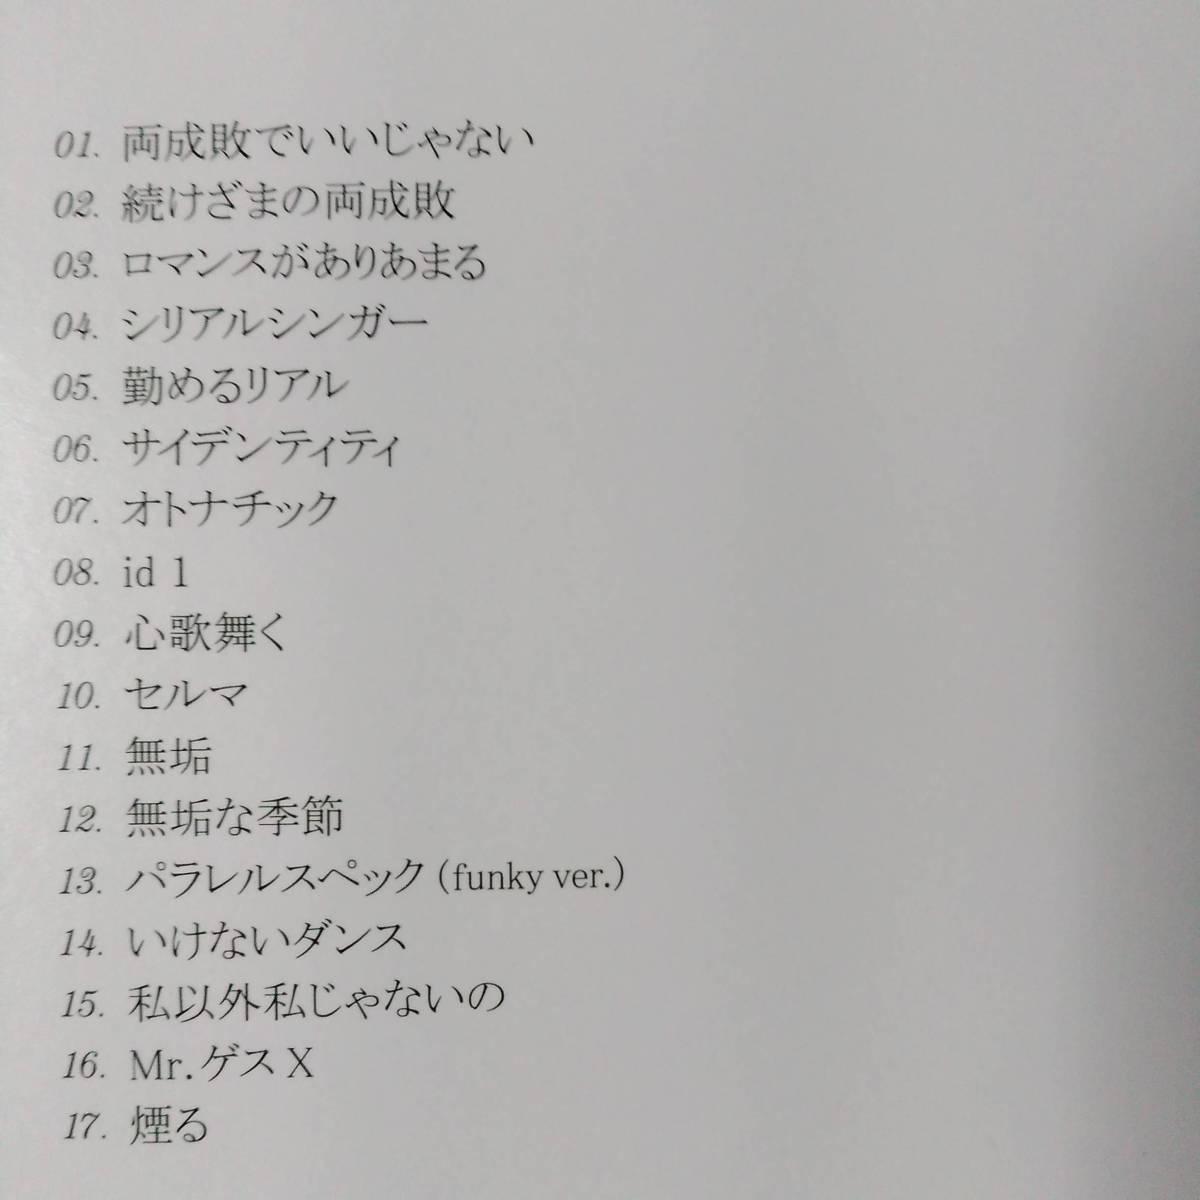 ヤフオク ゲスの極み乙女 両成敗 全17曲のアルバム ロマ